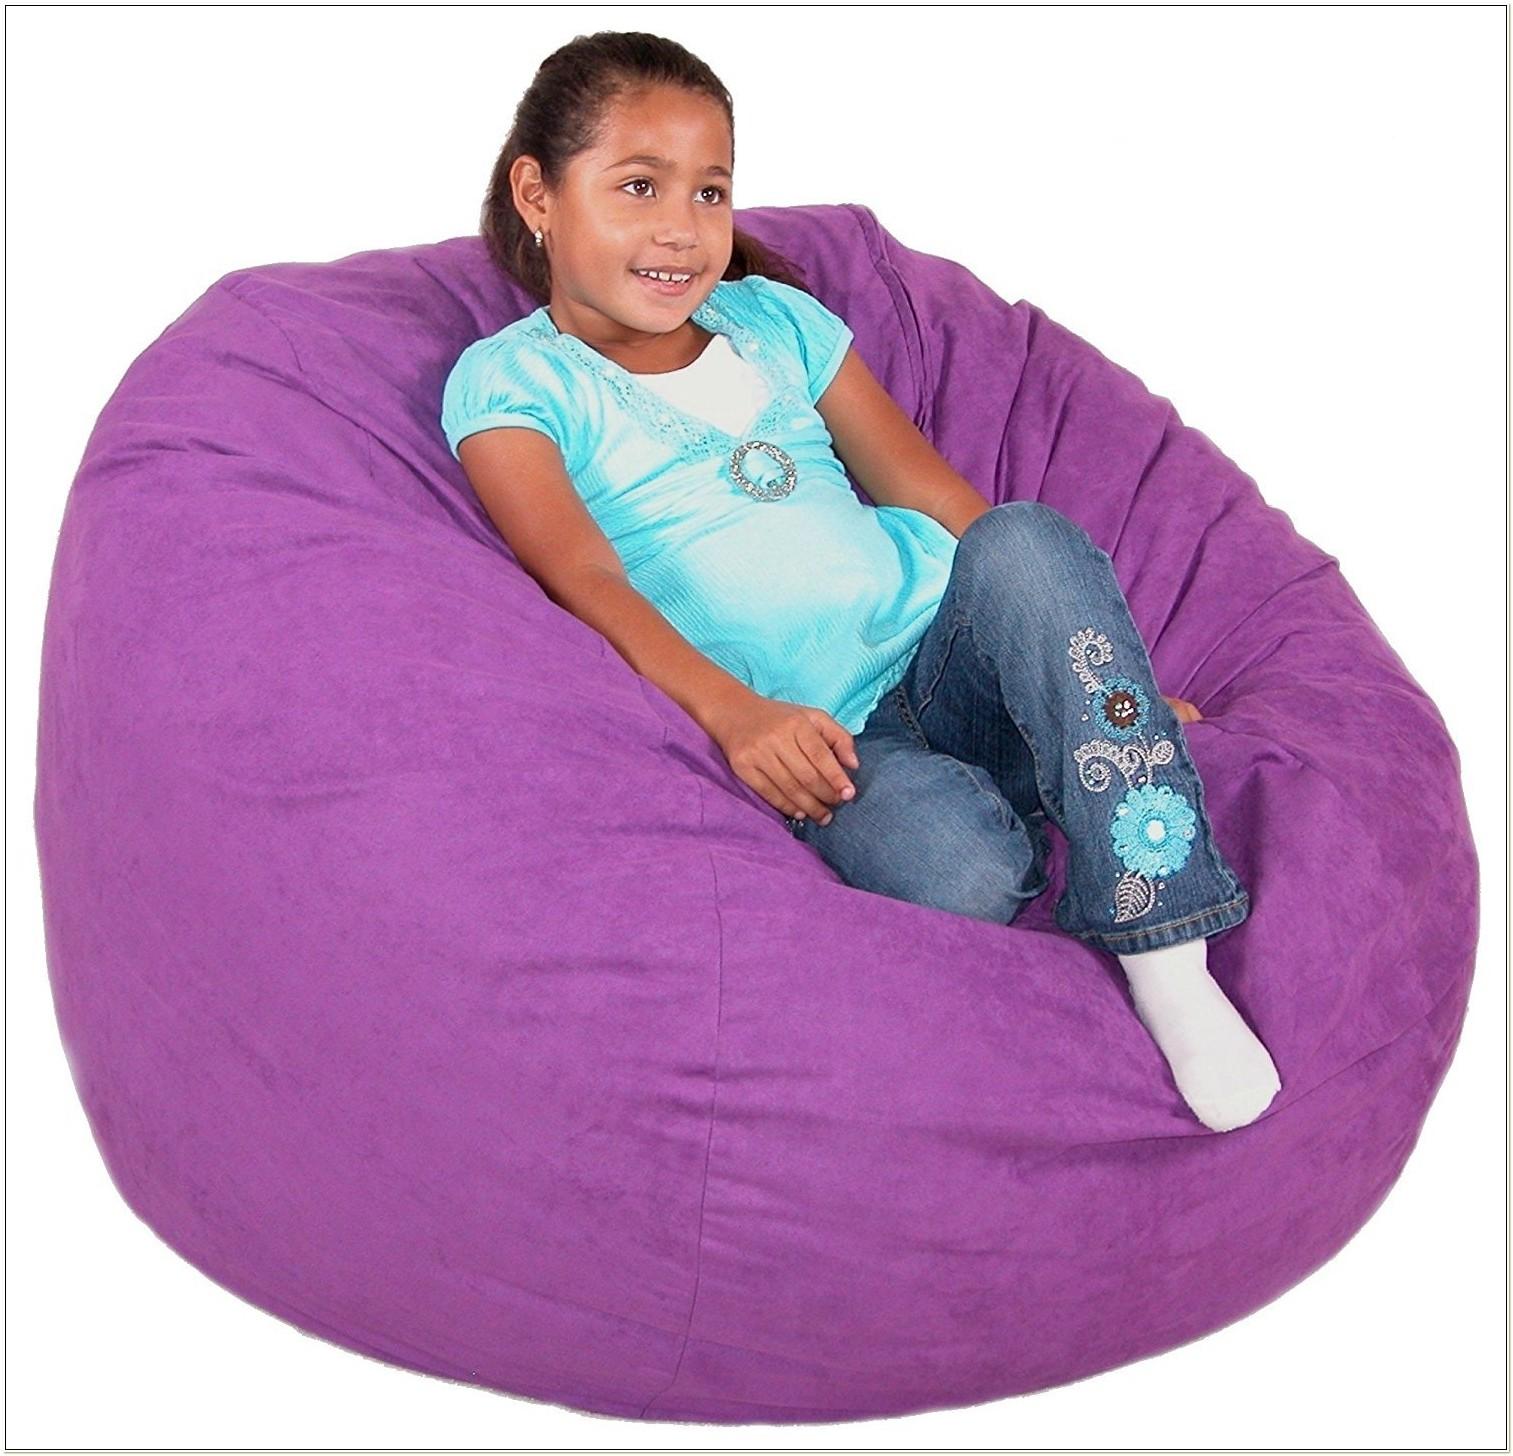 Purple Microfiber Bean Bag Chair